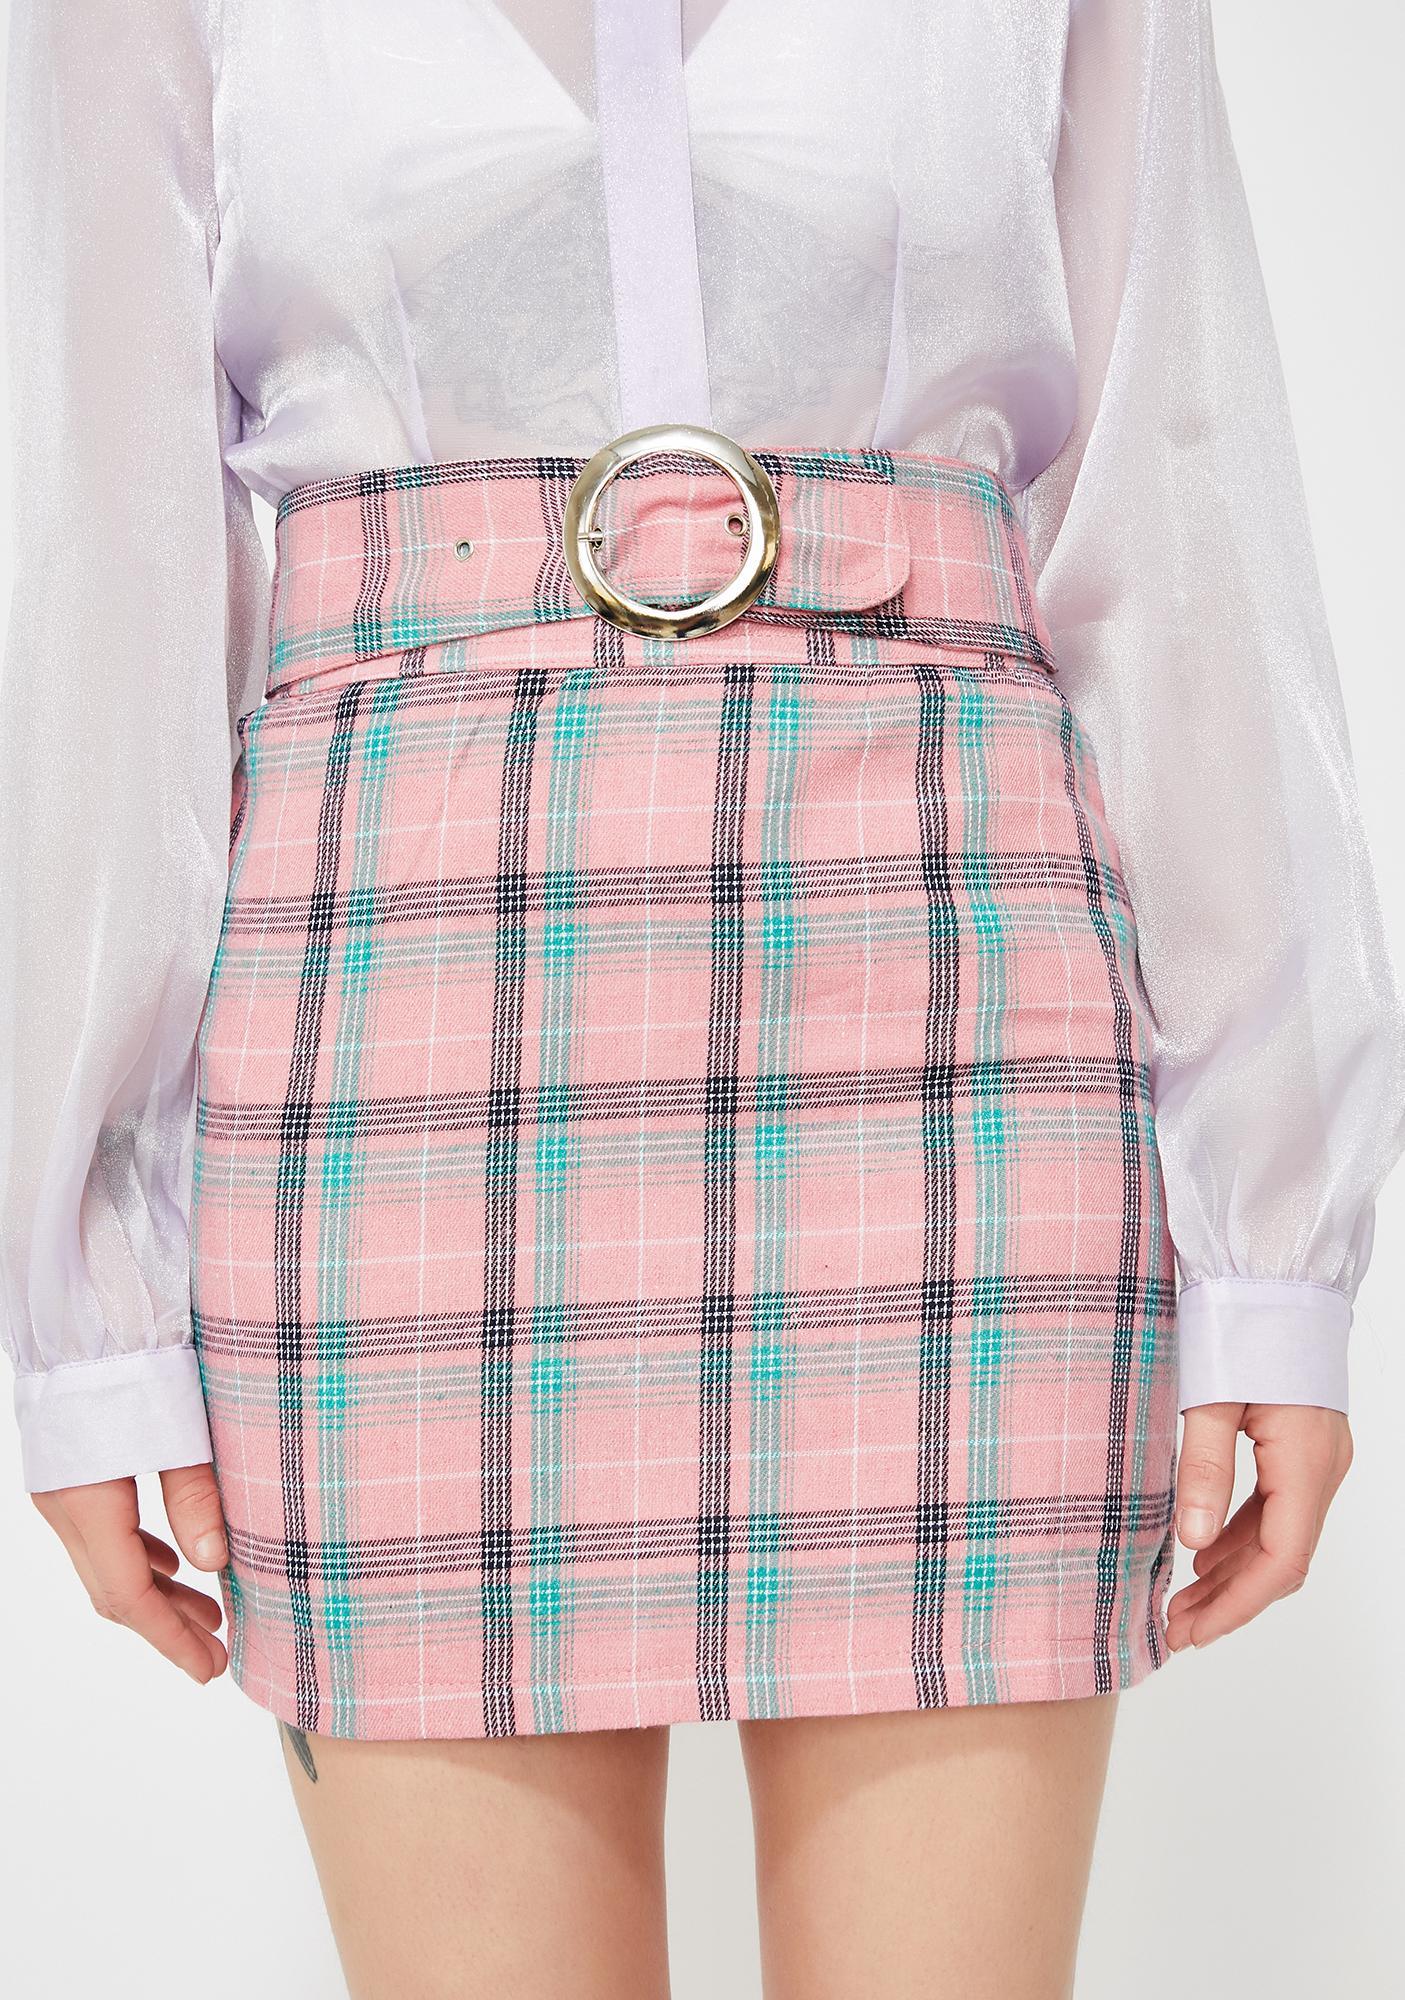 Boo'd Up Clique Mini Skirt